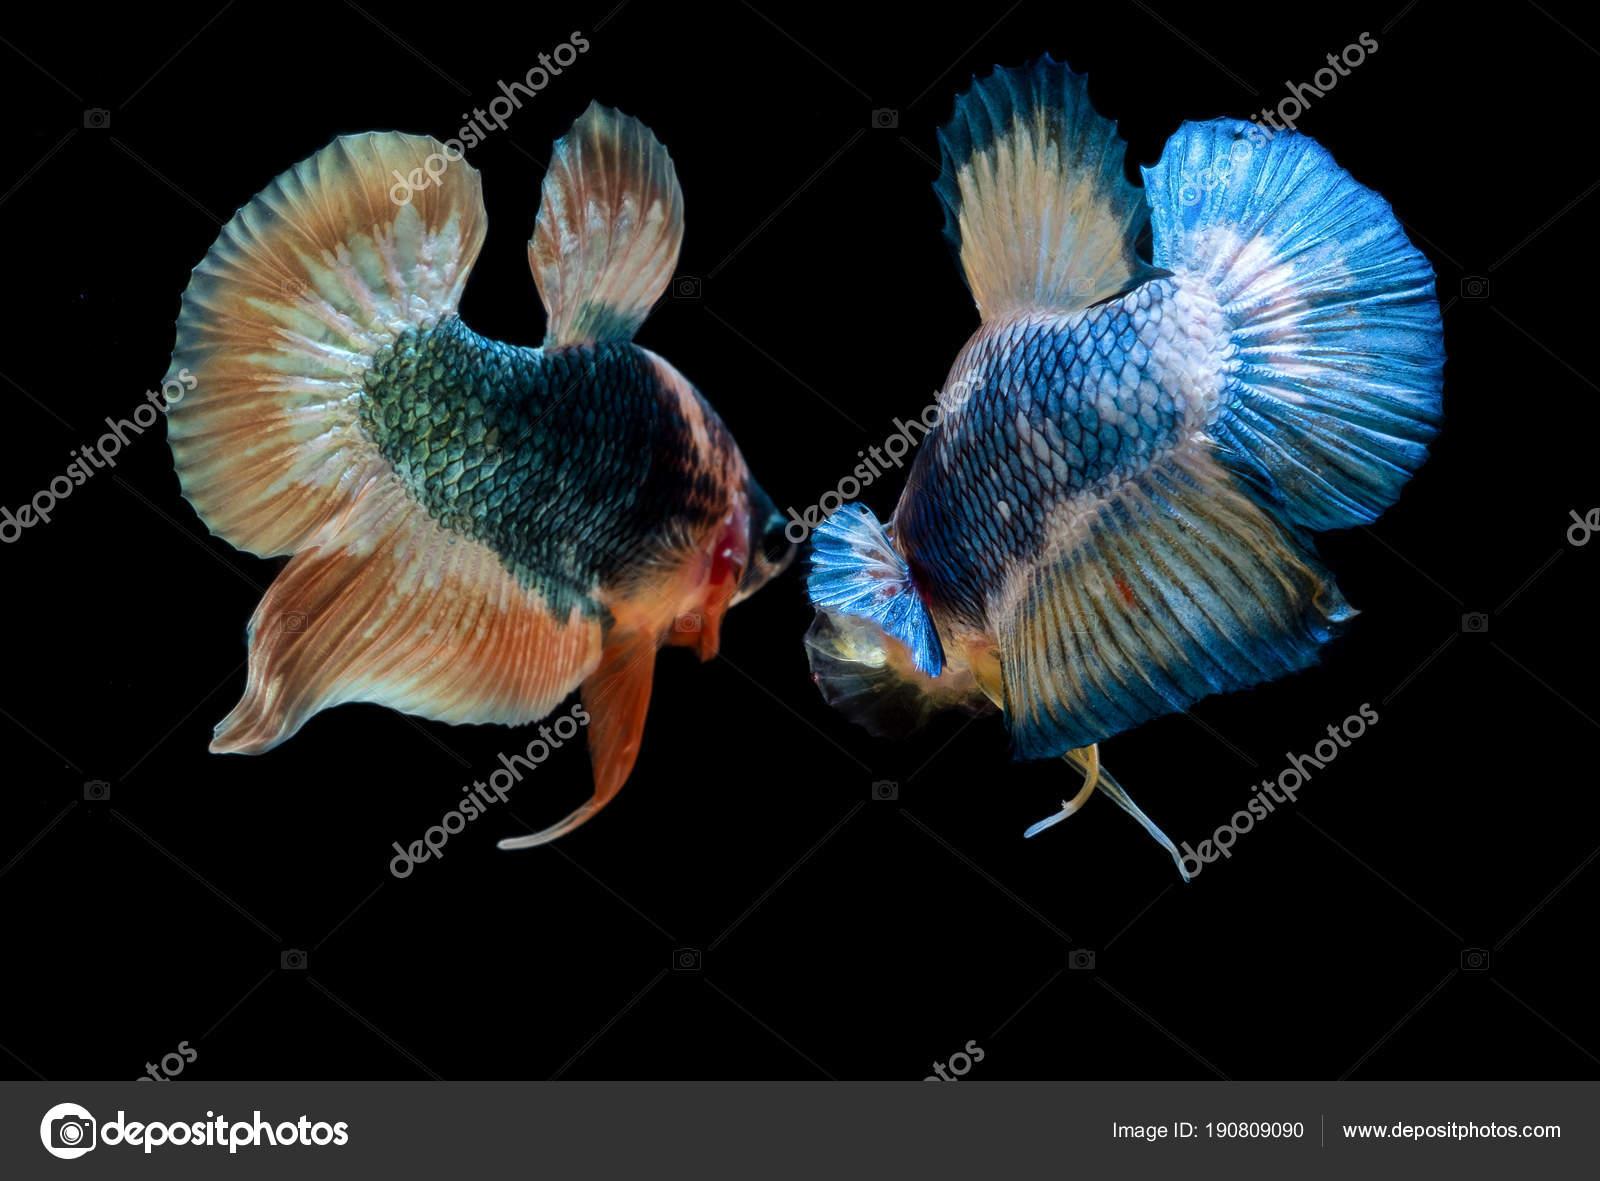 Betta Fish Fight In The Aquarium Stock Photo C Buakaew8899 190809090